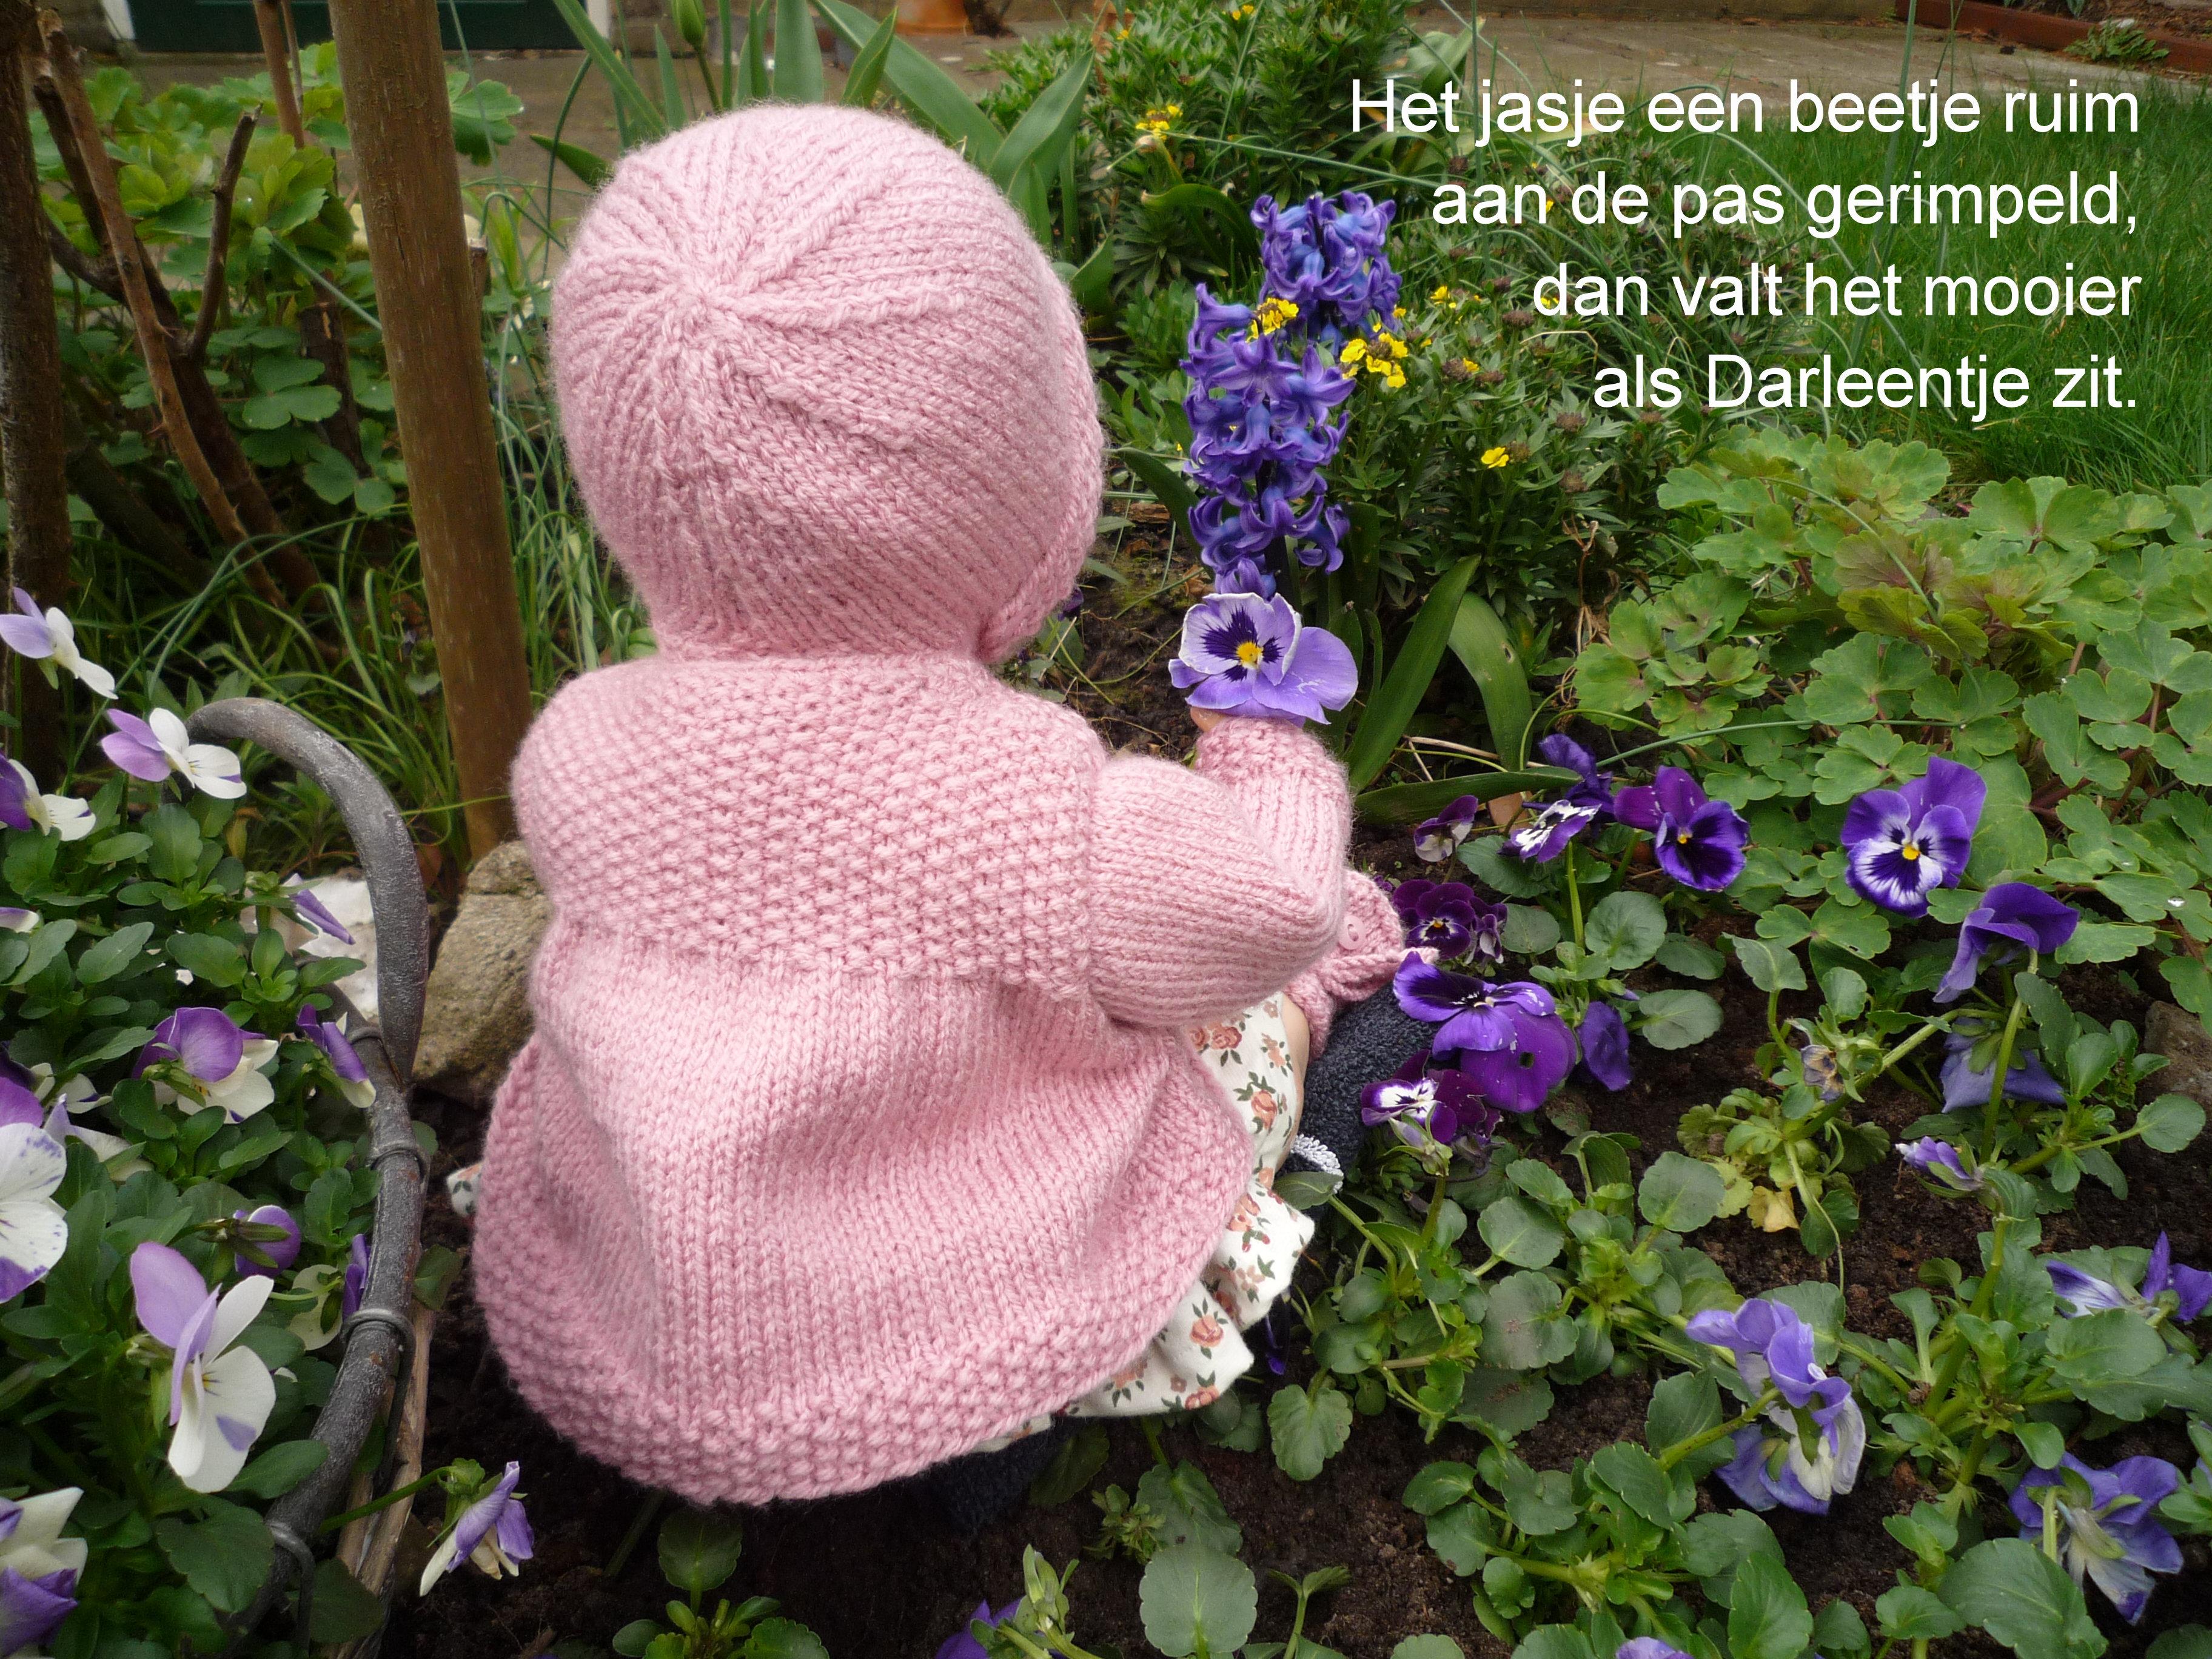 https://welkepopisdat.nl/afbeeldingen-Forum/DurvinaFotos/kleertjes%20Darlene%20en%20Florieke%20(18).JPG